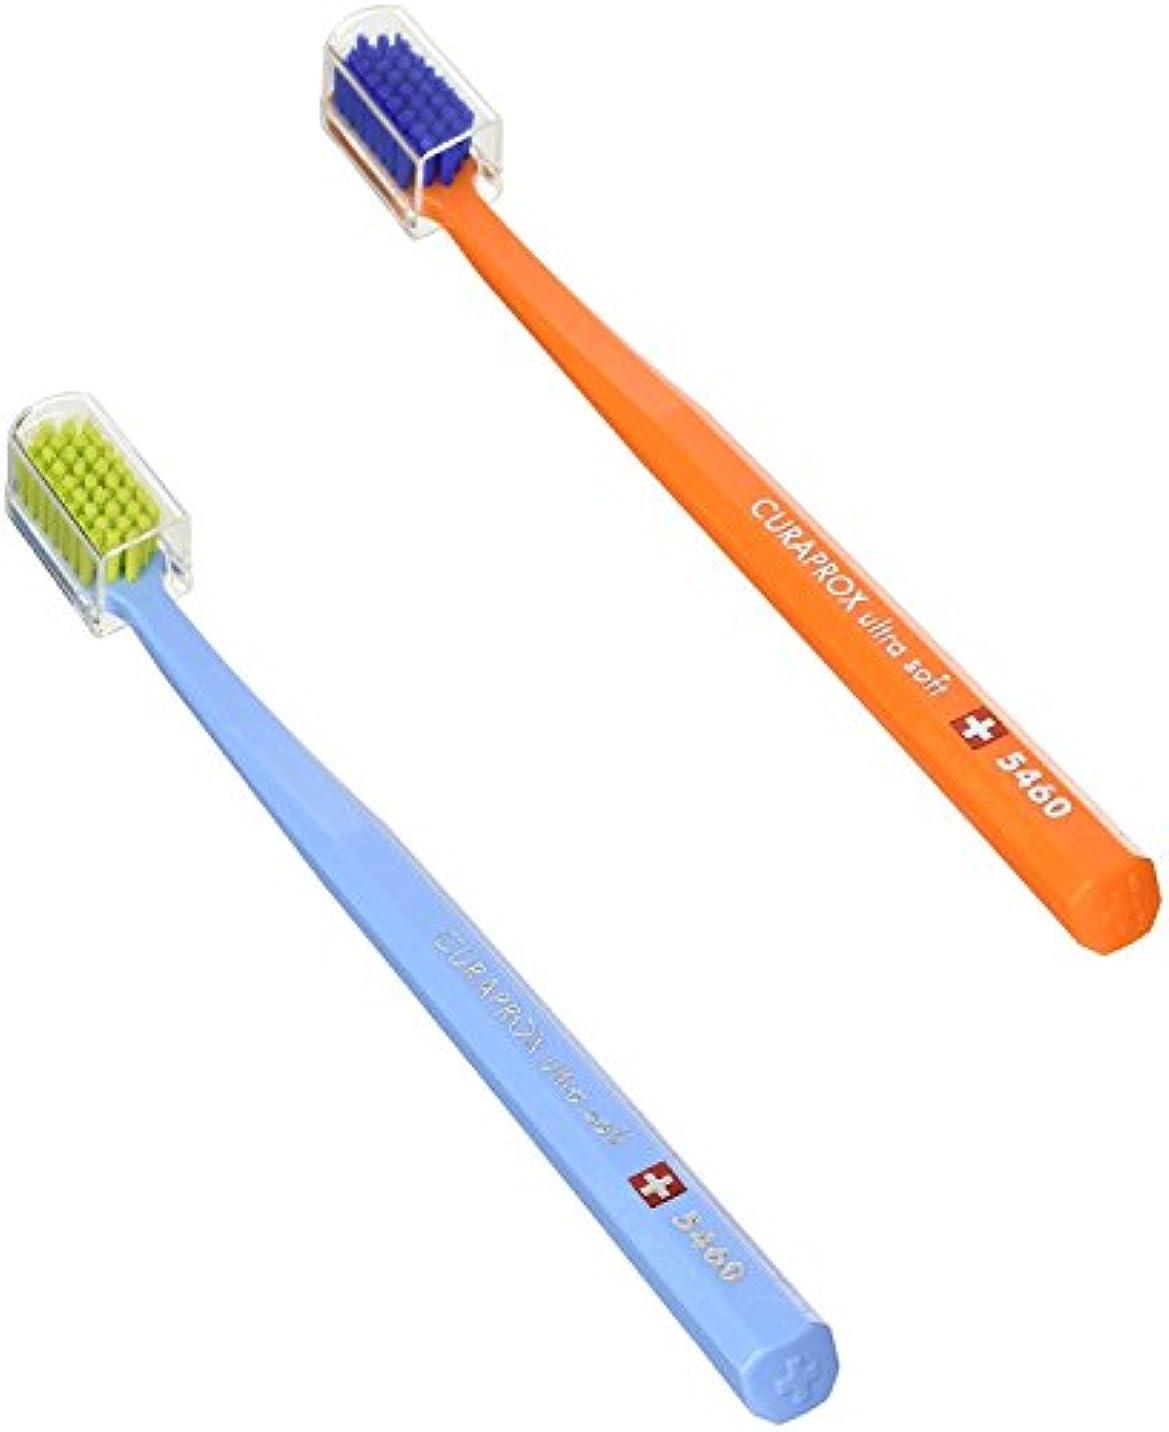 平らにする警察テクトニックキュラプロックス 5460ウルトラソフト歯ブラシ 2本